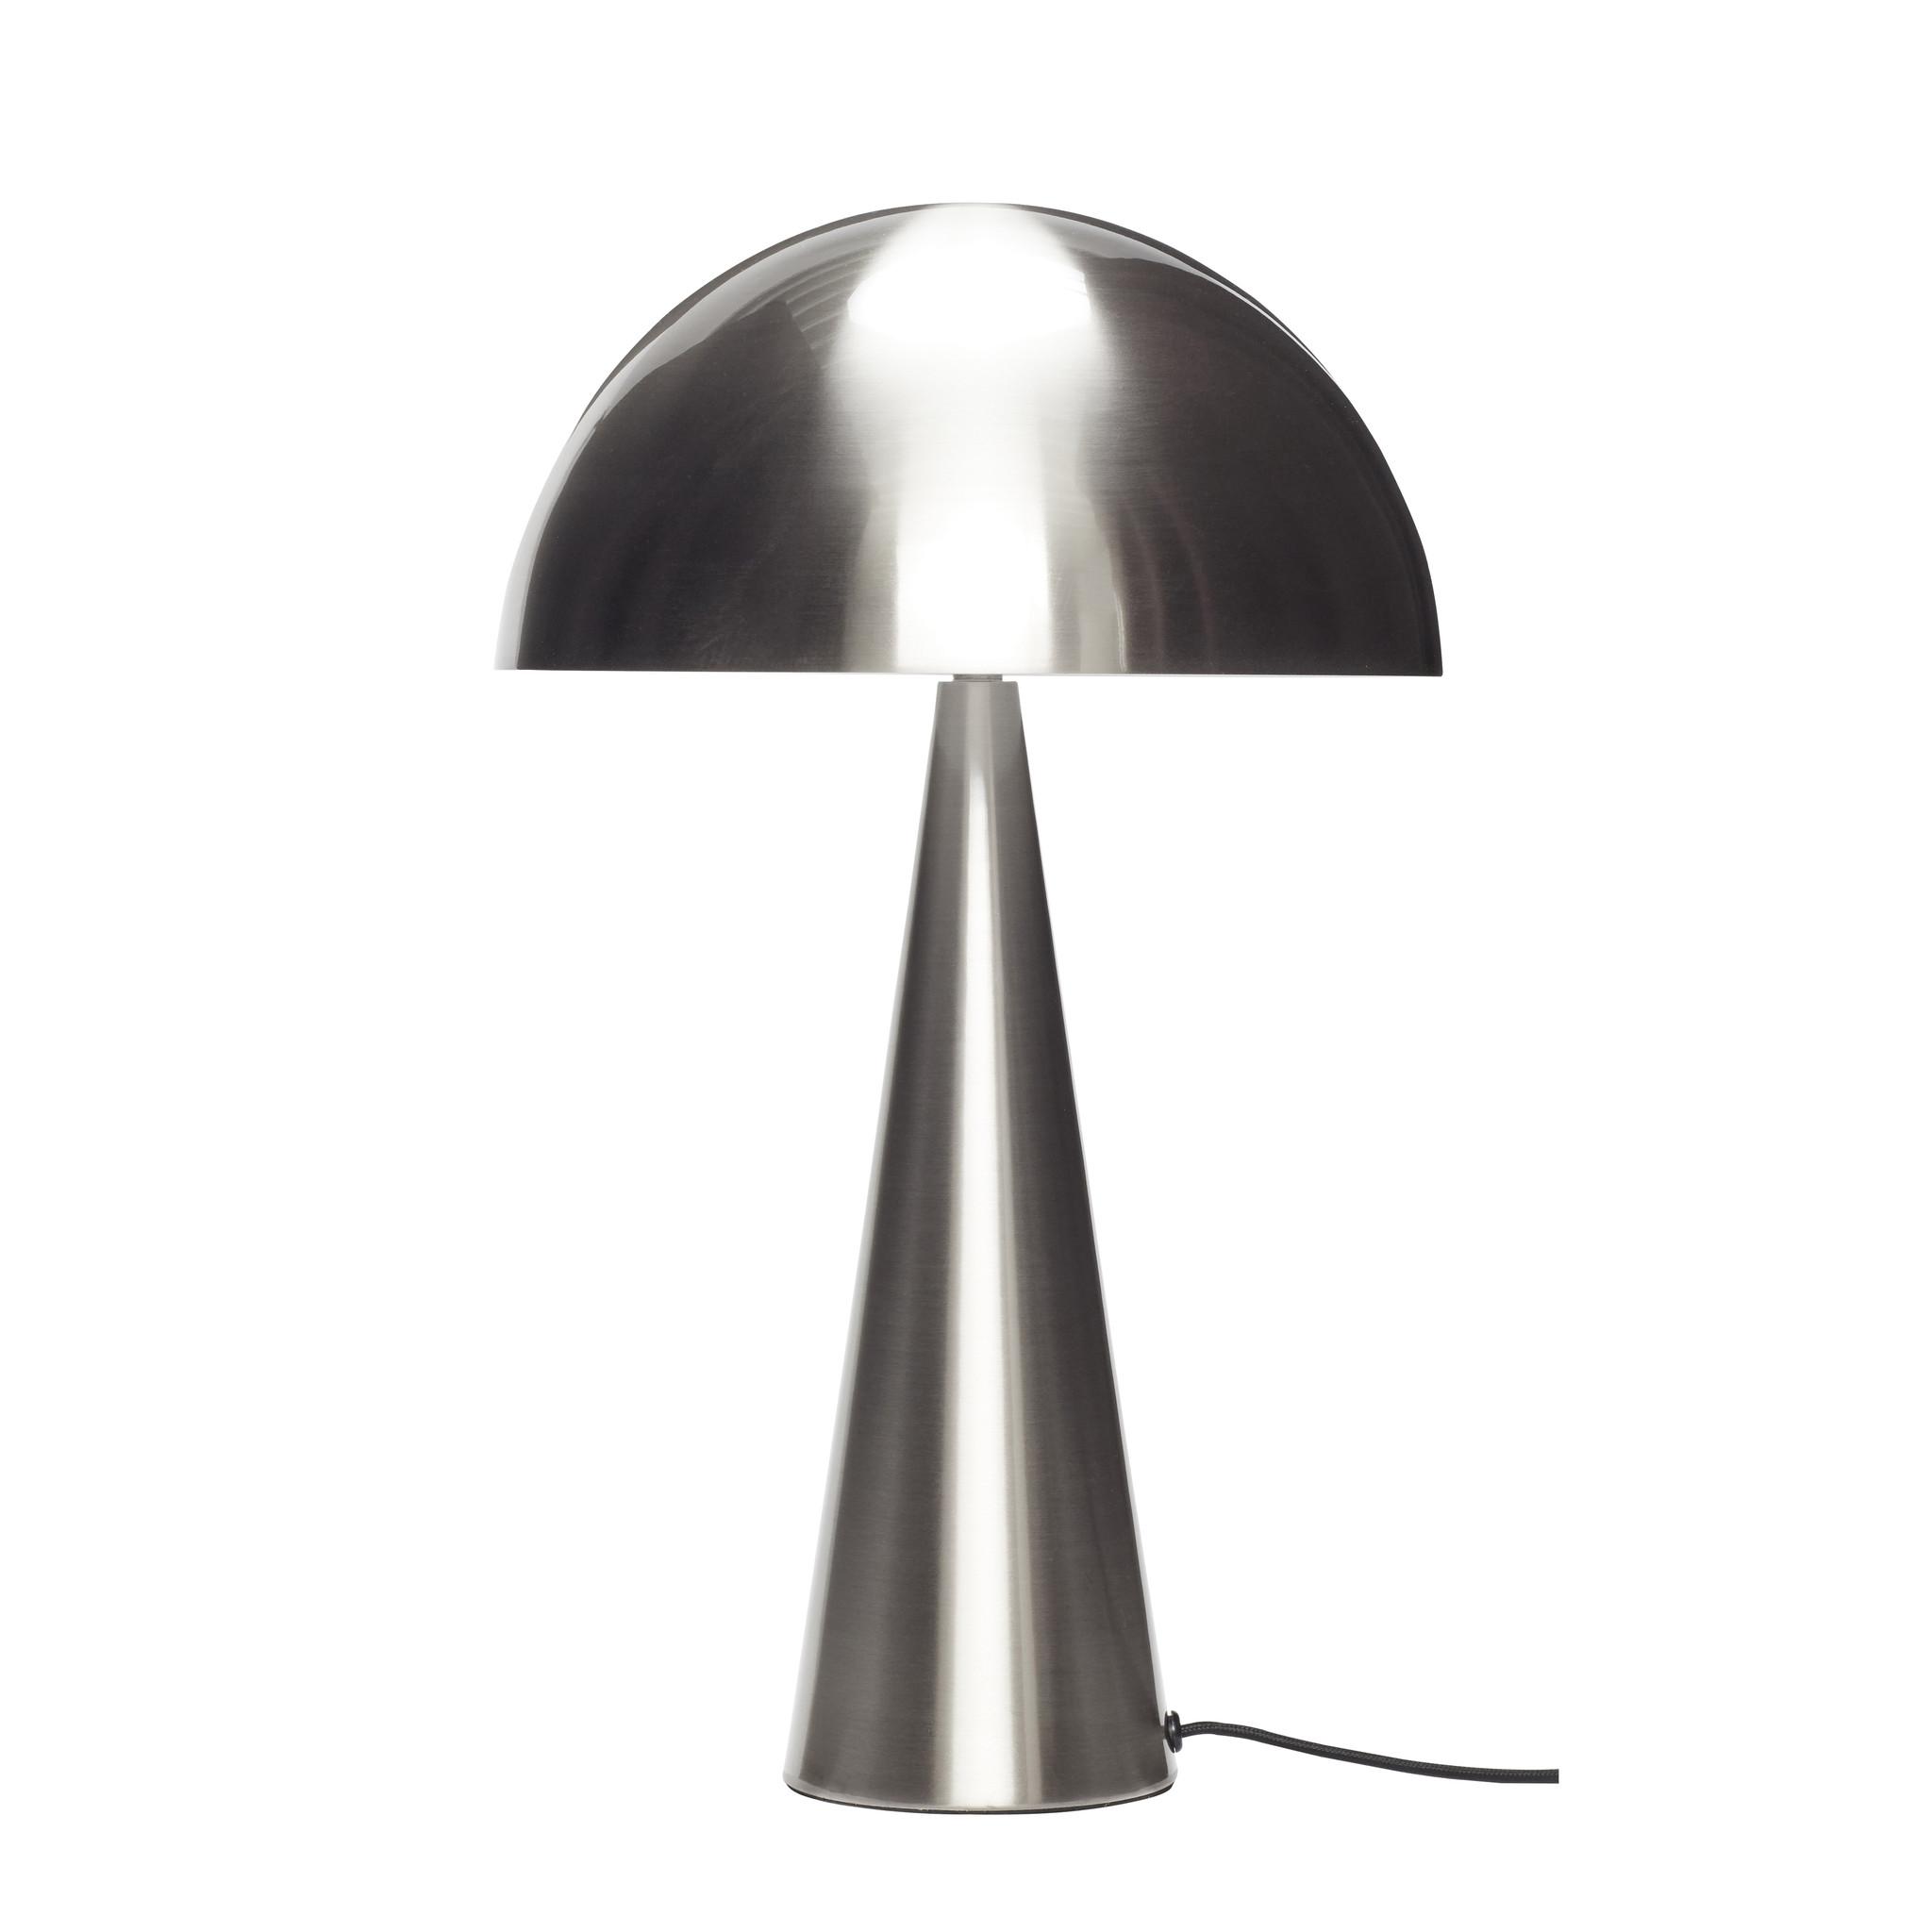 Hubsch Tafellamp metaal/nikkel groot